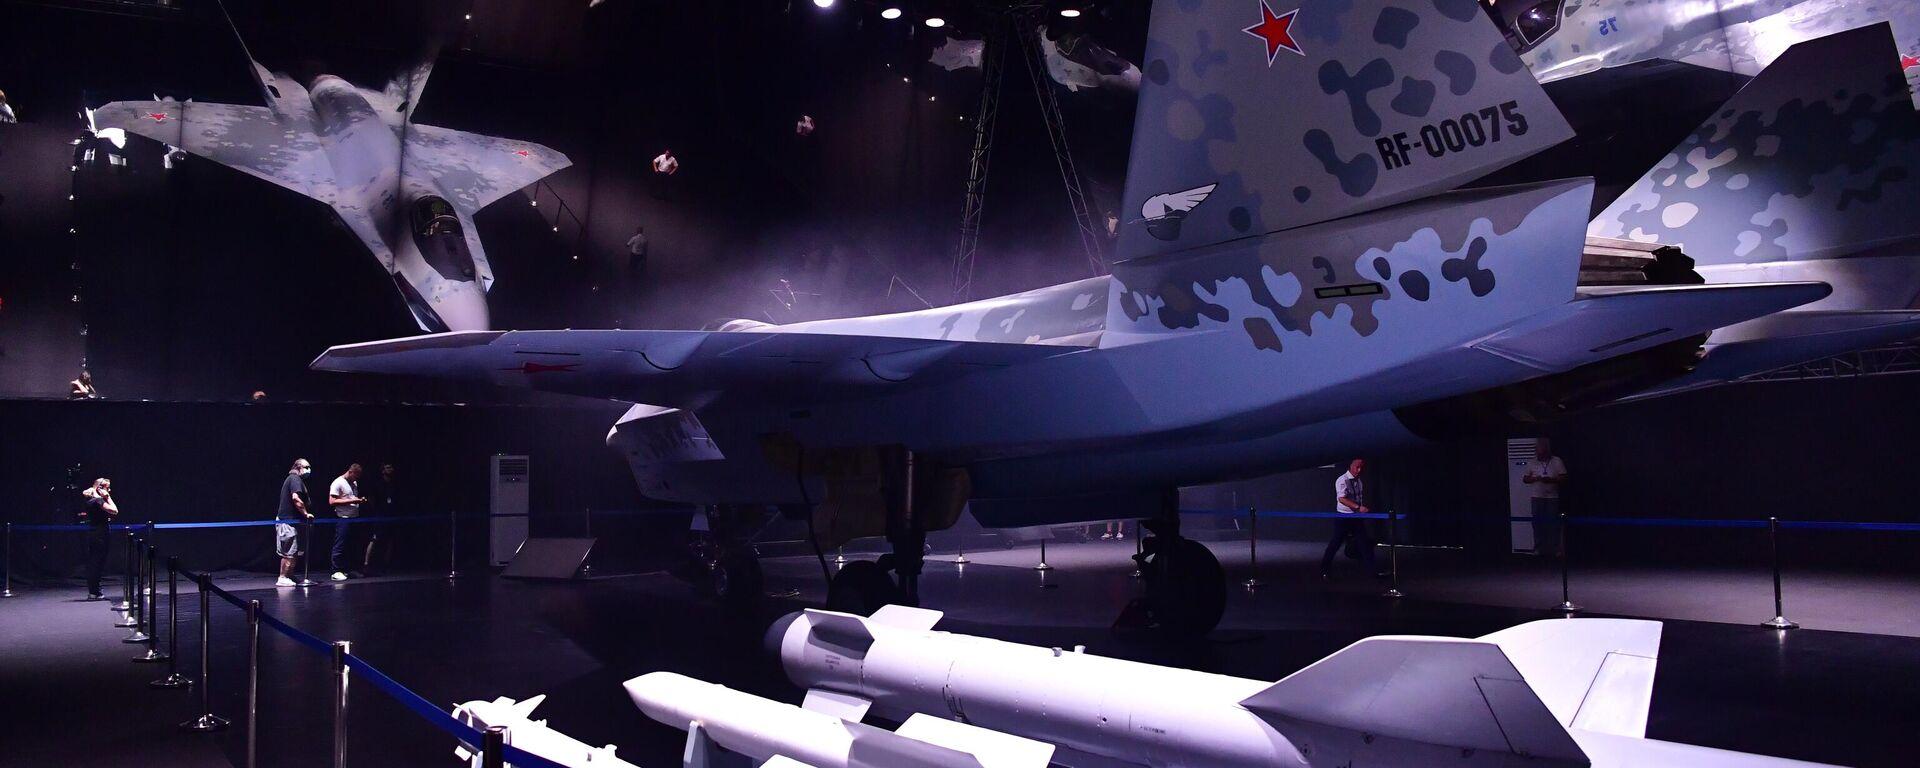 El prototipo del nuevo caza ligero y táctico de quinta generación propulsado por un solo motor en el pabellón de Checkmate en el Salón Internacional de la Aviación y el Espacio MAKS 2021.  - Sputnik Mundo, 1920, 26.07.2021